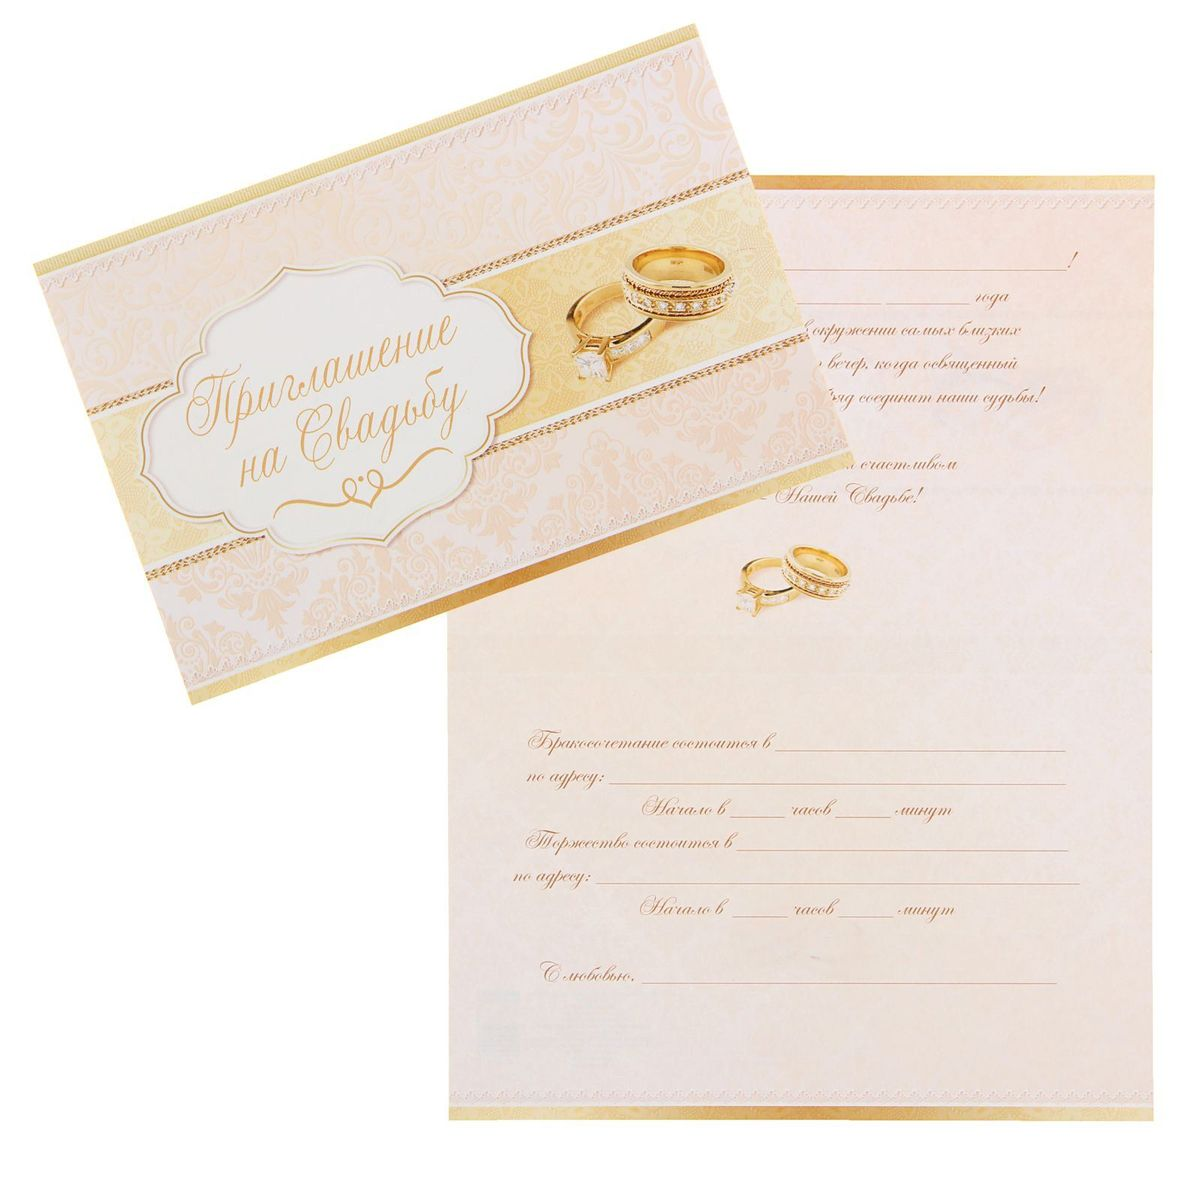 Приглашение на свадьбу Sima-land Свадебная классика, 18 х 12 см1333772Свадьба - одно из главных событий в жизни каждого человека. Для идеального торжестванеобходимо продумать каждую мелочь. Родным и близким будет приятно получитьиндивидуальную красивую открытку с эксклюзивным дизайном.